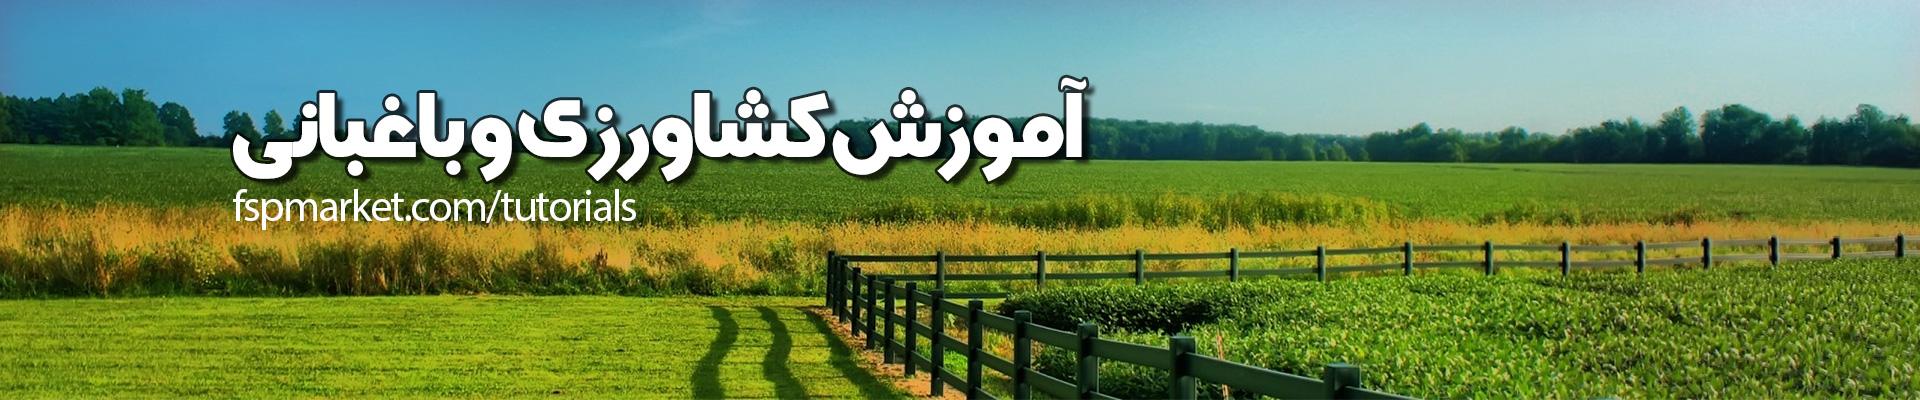 آموزش کشاورزی و باغبانی